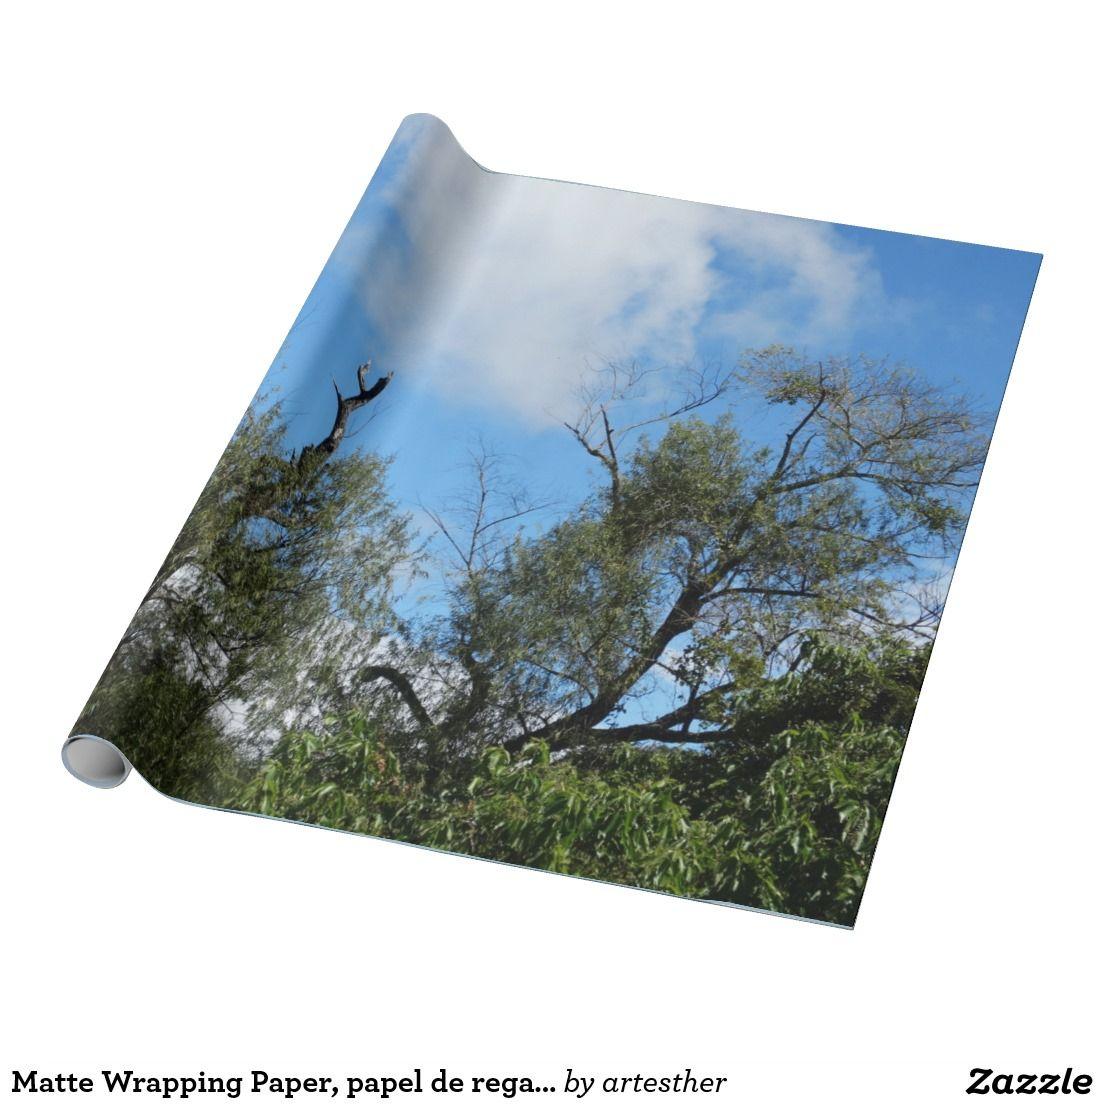 Matte Wrapping Paper, papel de regalo